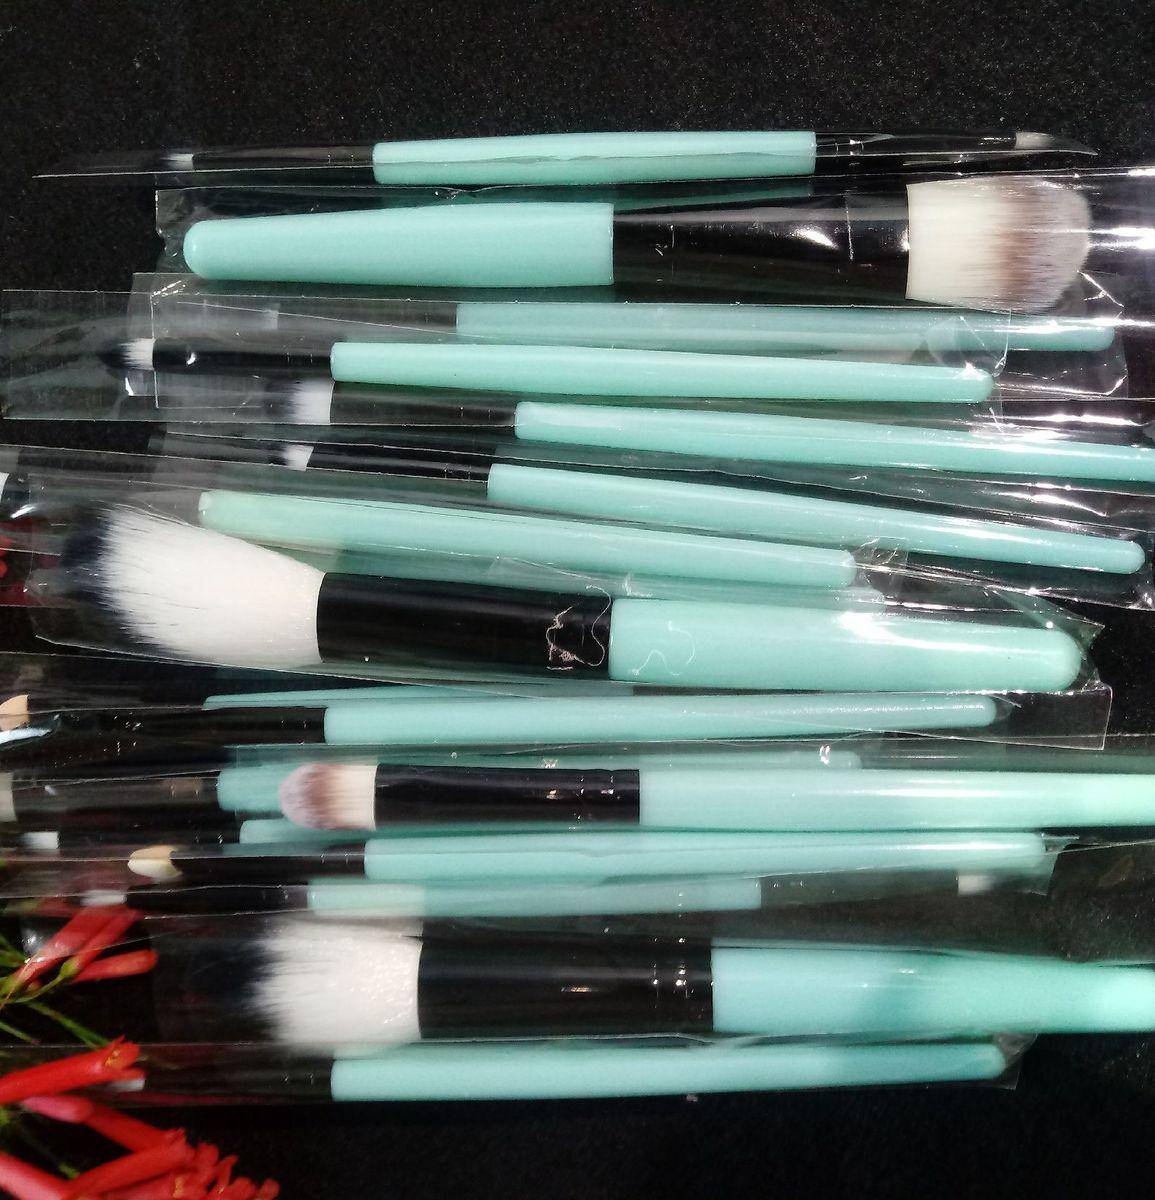 kit com 18 pincéis para maquiagem  R$ 47,00 em até 12x  Comprar